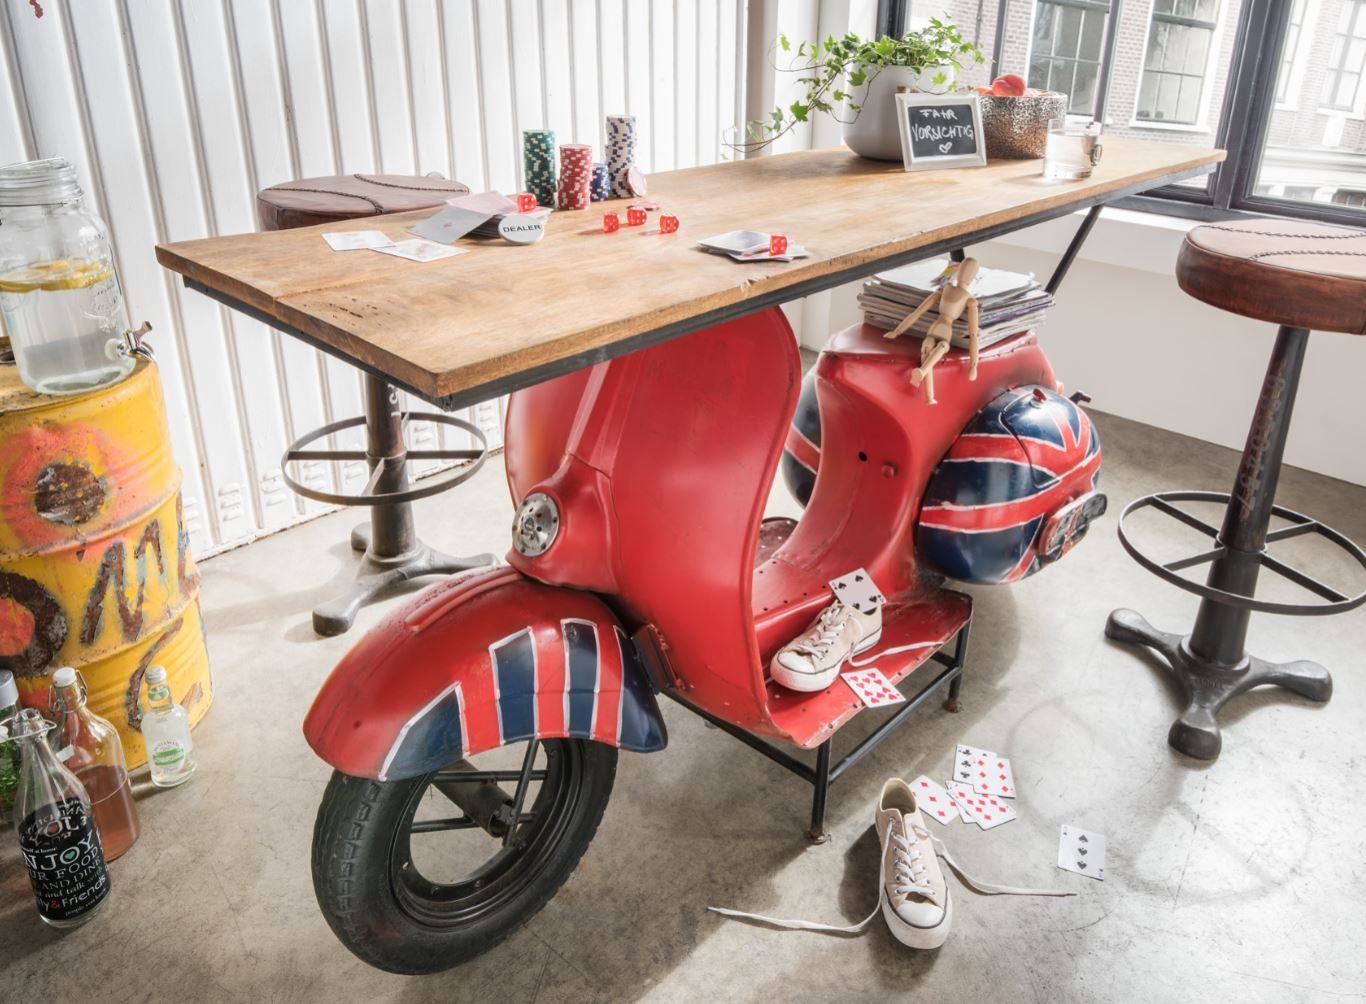 scooter konsolentisch in 2019 auto m bel auto m bel m bel und kreatives design. Black Bedroom Furniture Sets. Home Design Ideas